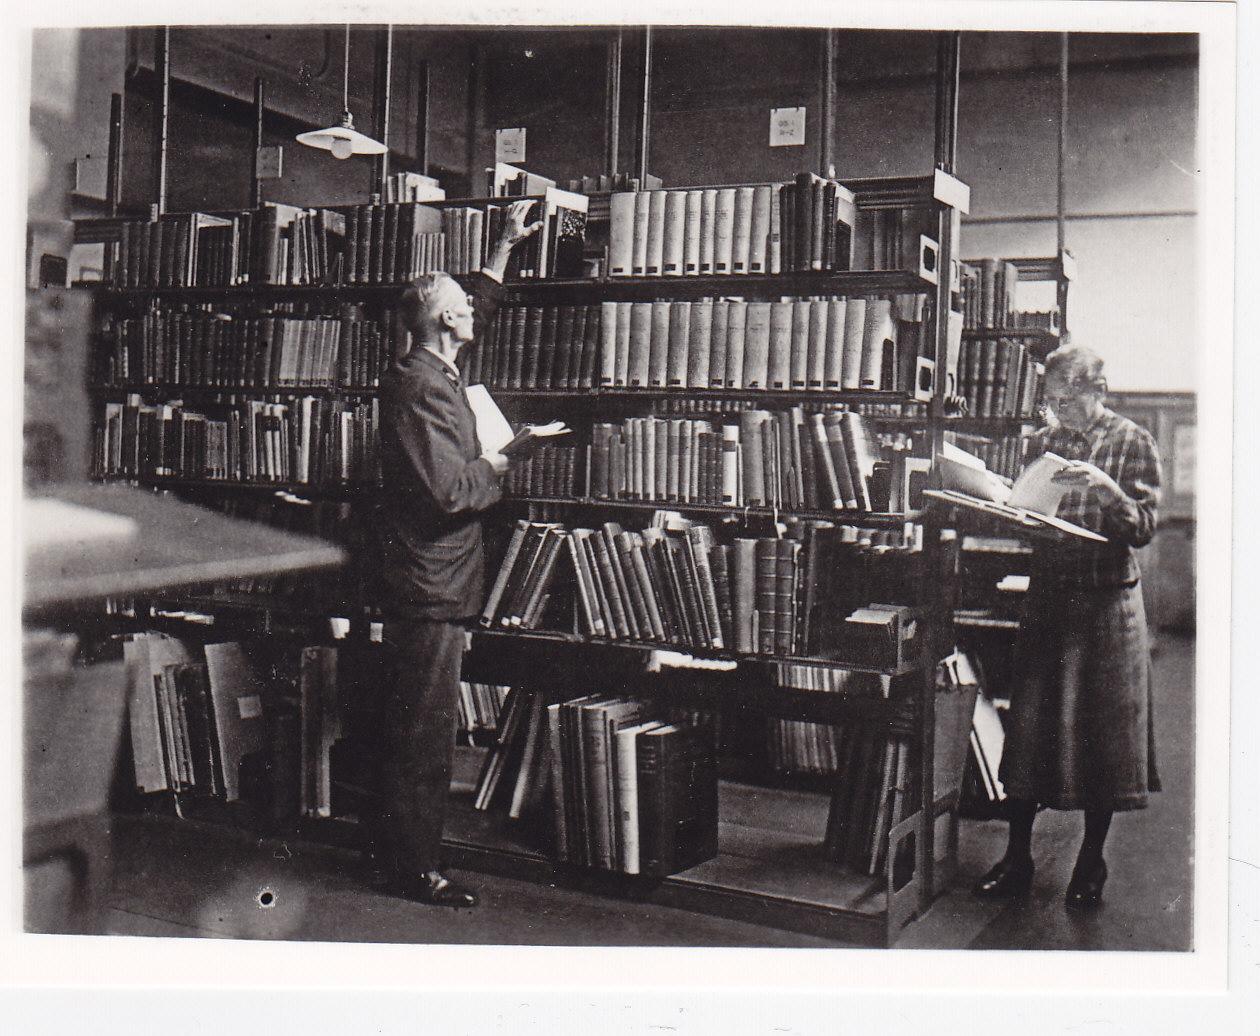 Hamburger Kunsthalle, Weihnachten 1942, Bibliothek, Bibliotheksmagazin